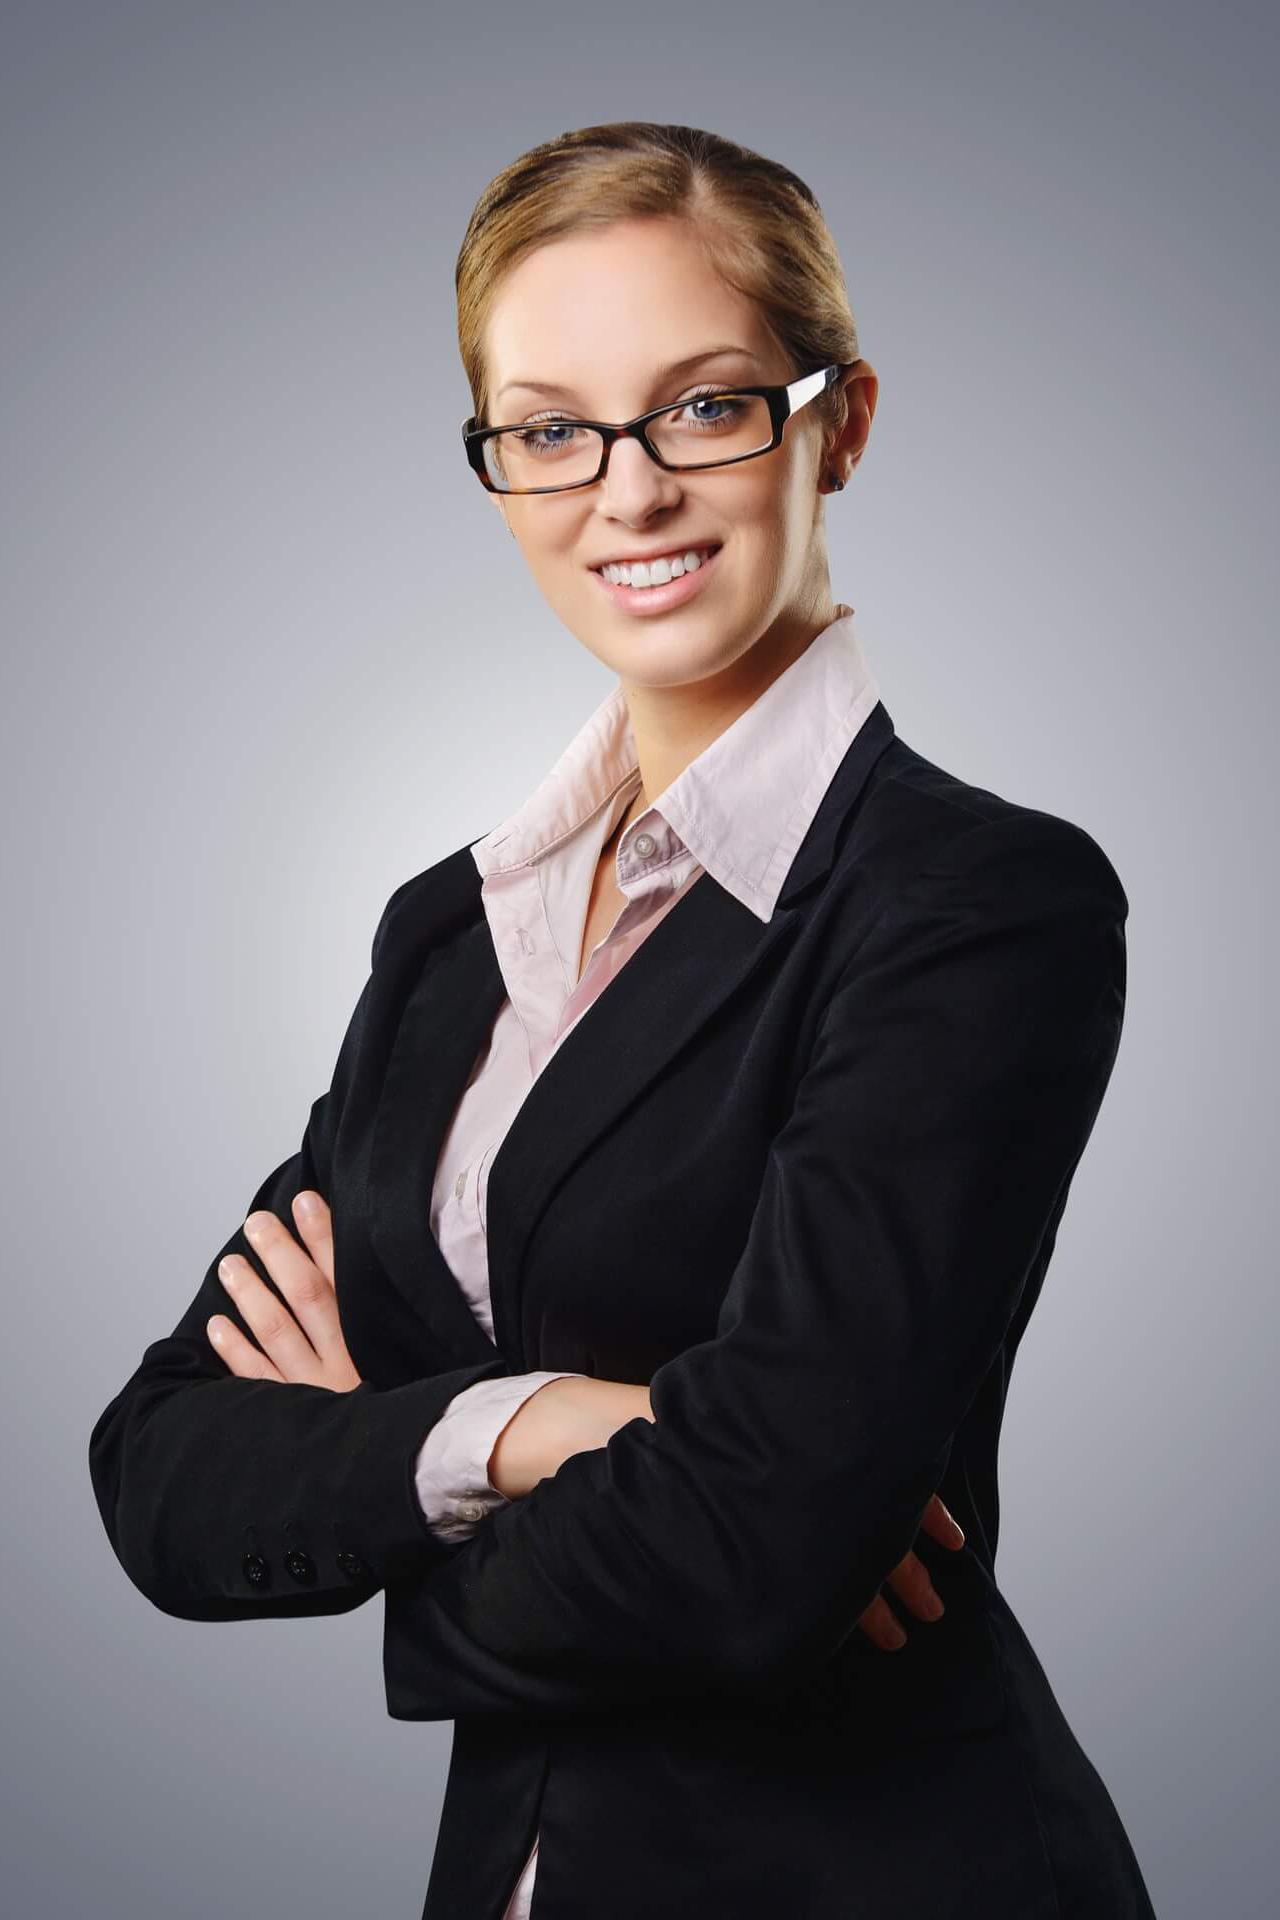 ¿Cómo has encontrado trabajo tan rápido?